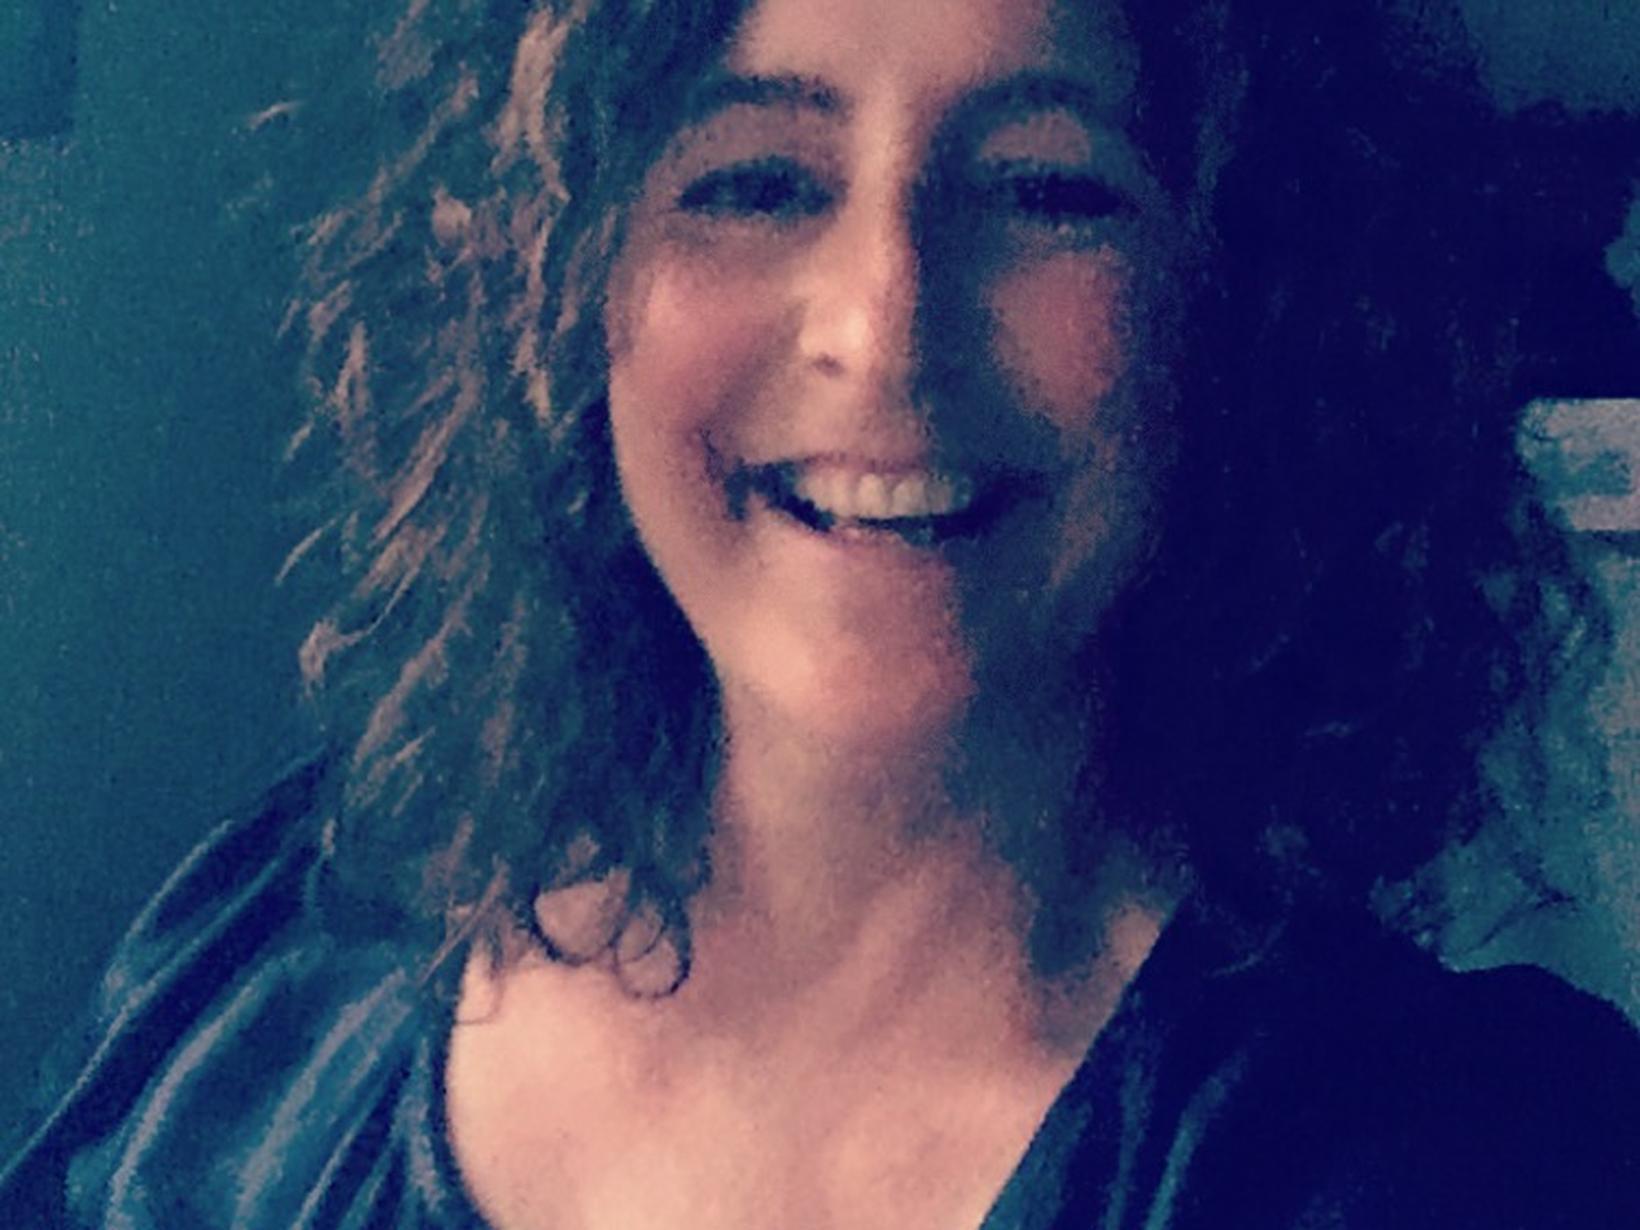 Rachel from Christchurch, New Zealand